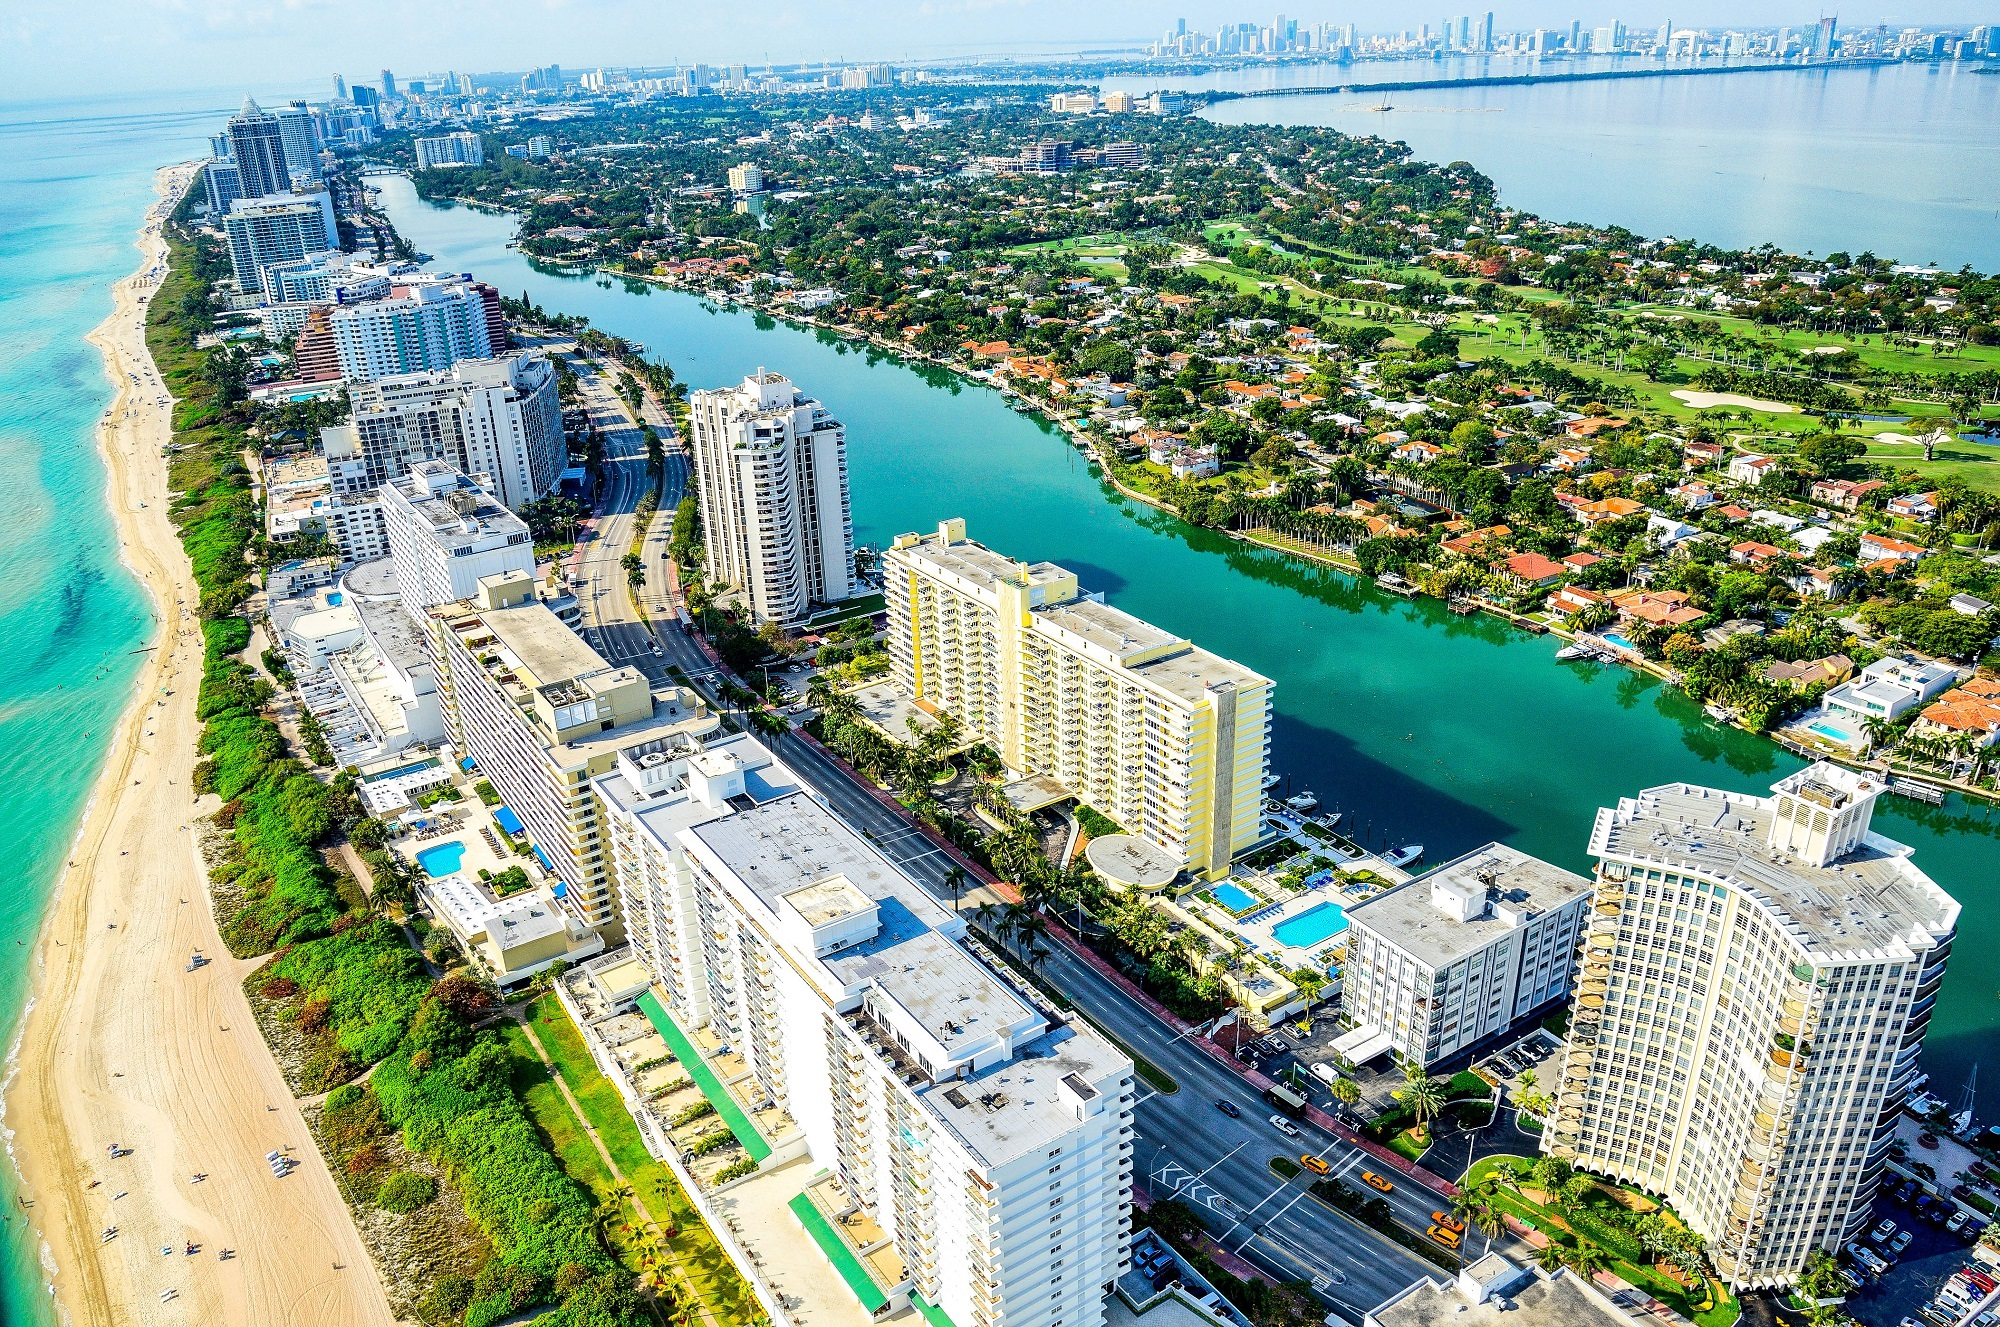 Vista aérea de Miamia